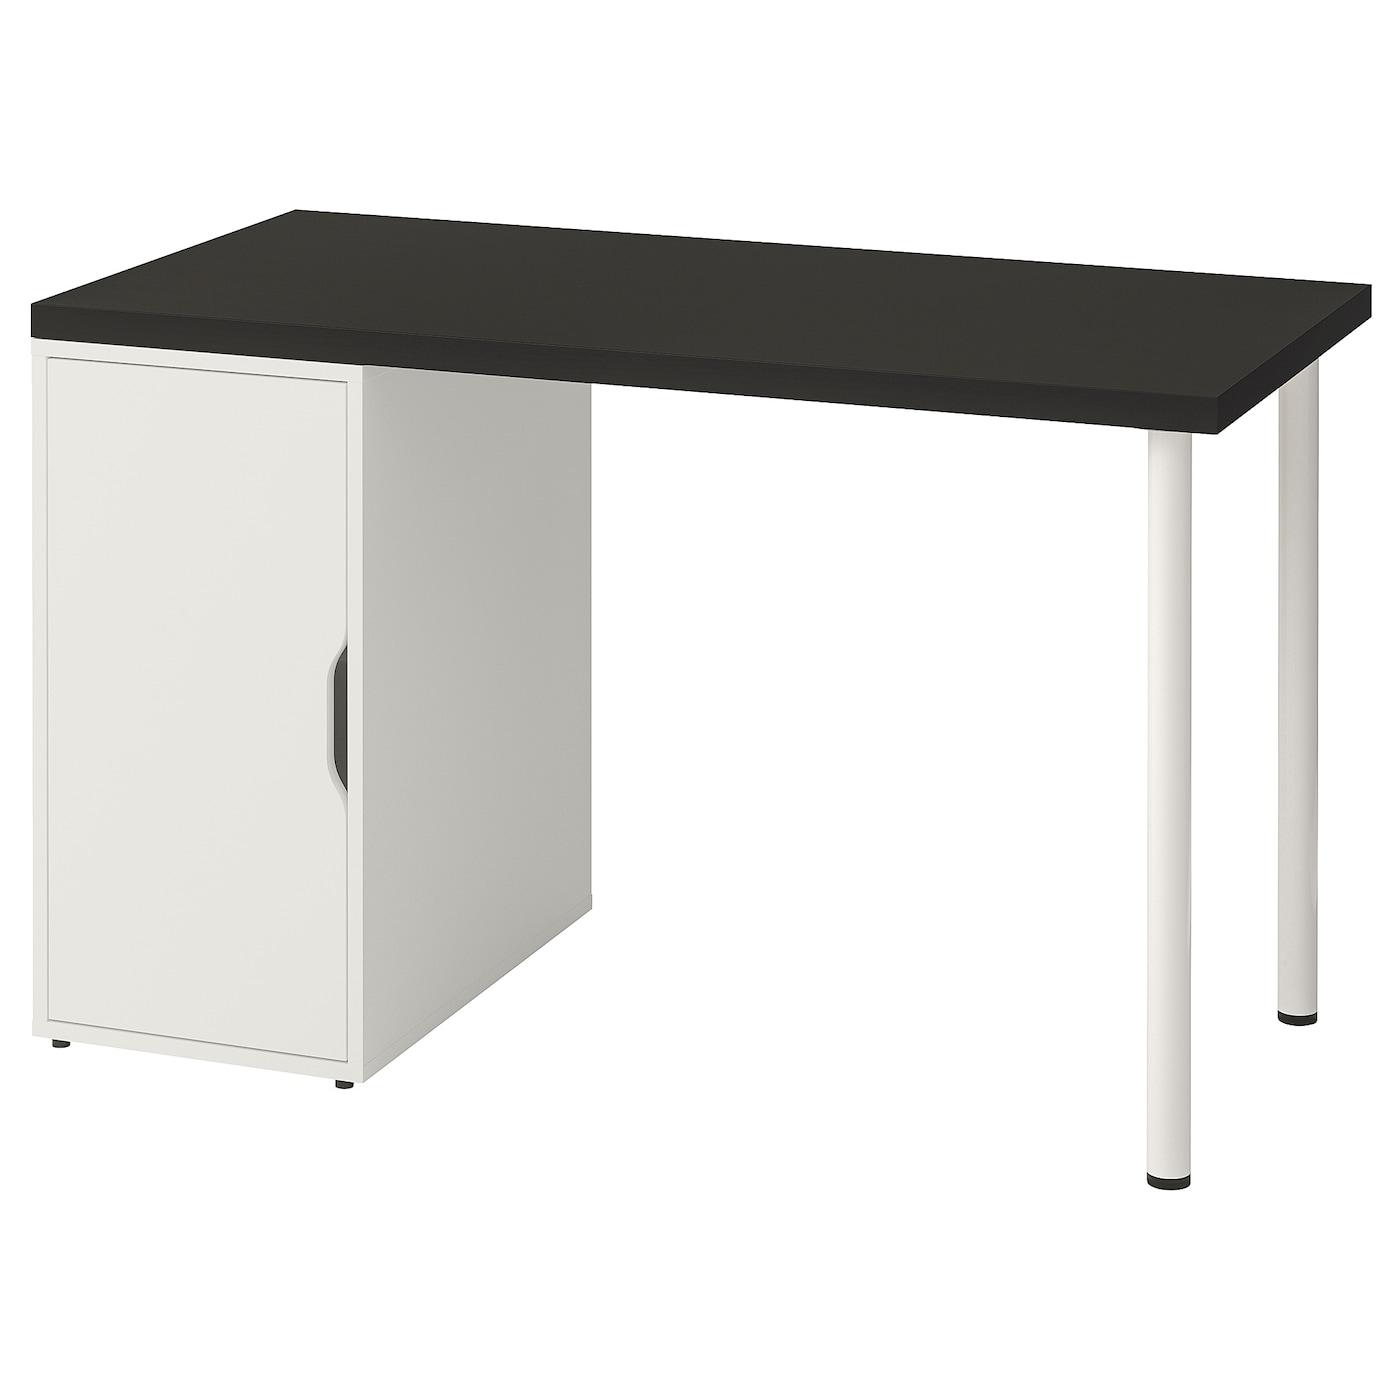 IKEA LINNMON stół z czarnobrązowym blatem wspartym parą nóg i białą szafką ALEX, 120x60 cm